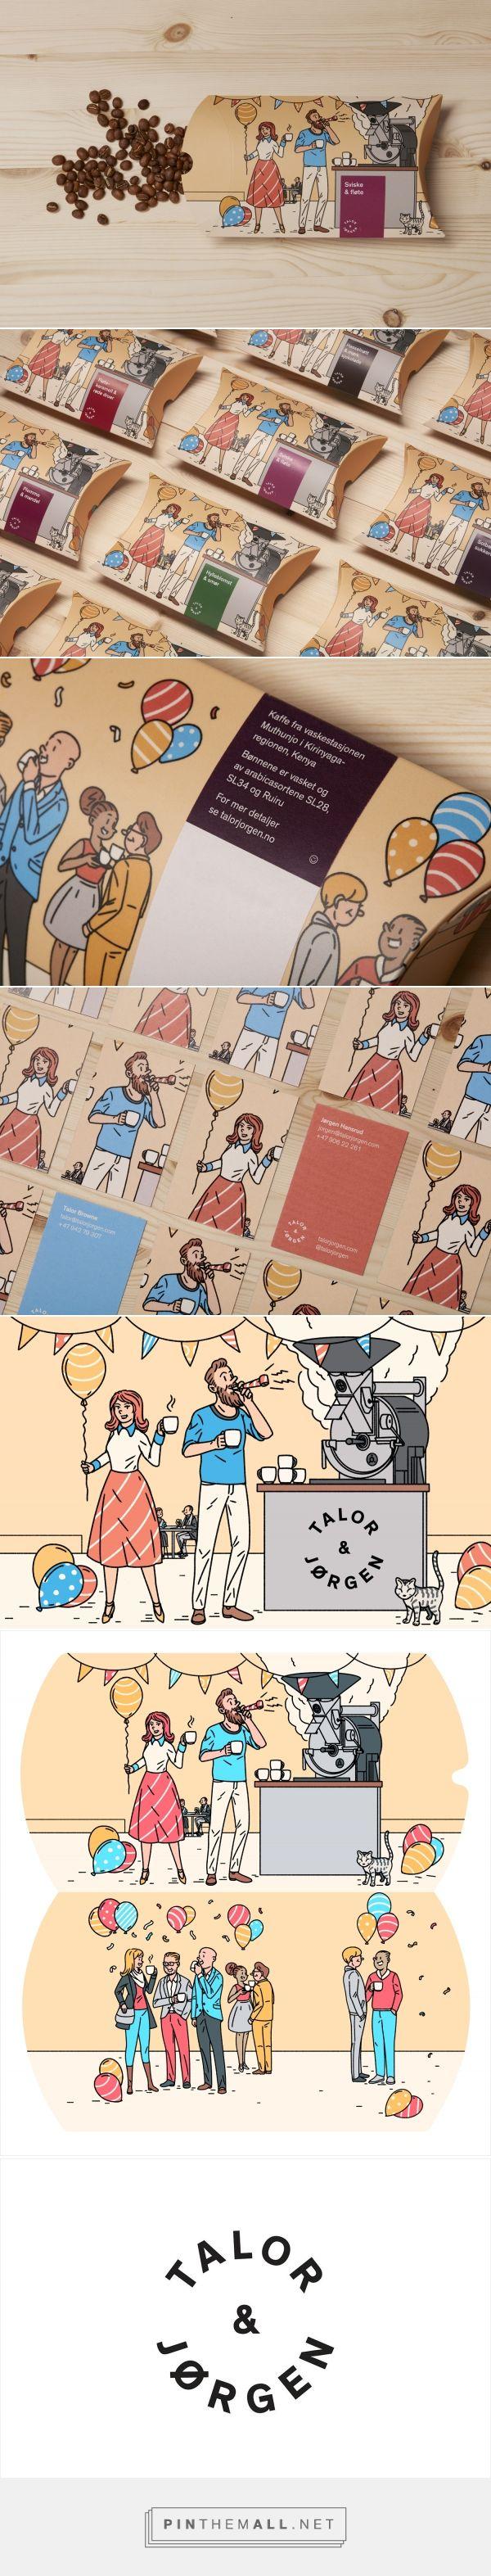 New Packaging for Talor&Jørgen by Bielke & Yang / Design by Bielke & Yang /  Illustration by Janne Iivonen.